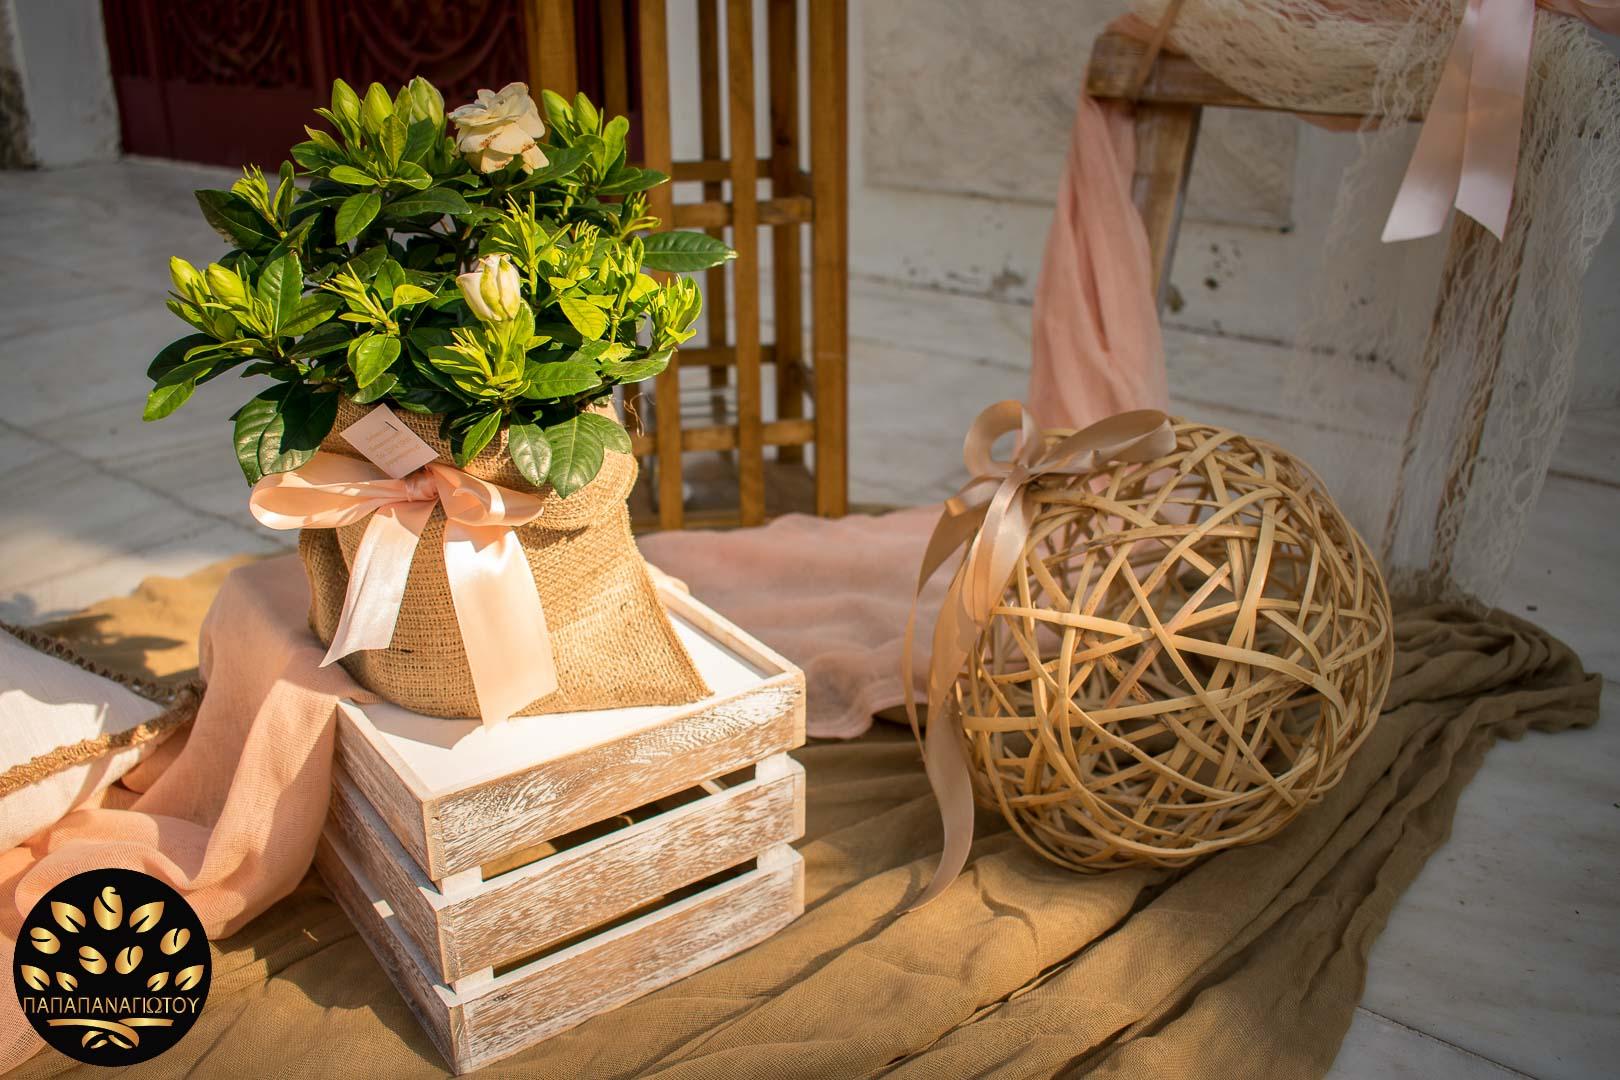 b0a60c381d35 Στολισμός Γάμου Άγιος Δημήτριος παλαιό ψυχικό